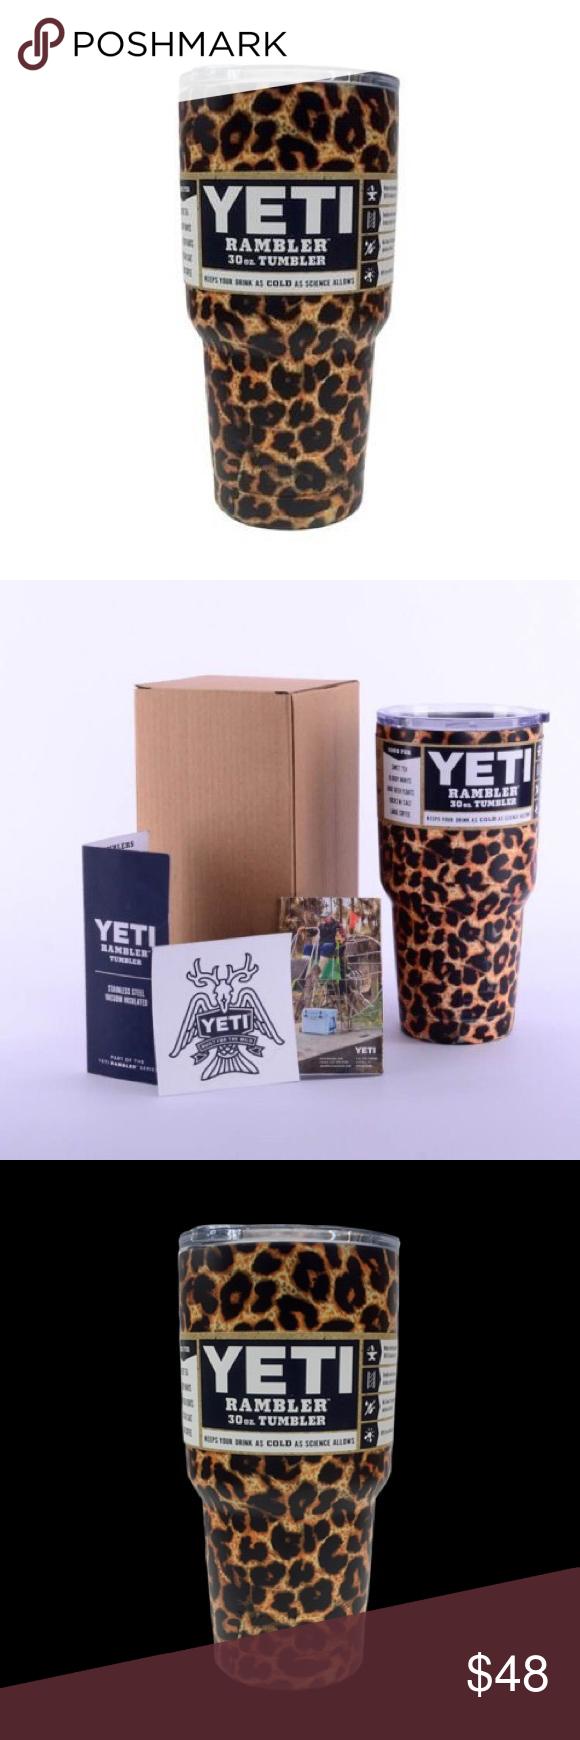 Yeti Coffee Thermos: NWT 30 OZ YETI TUMBLER CHEETAH LEOPARD PRINT The Double